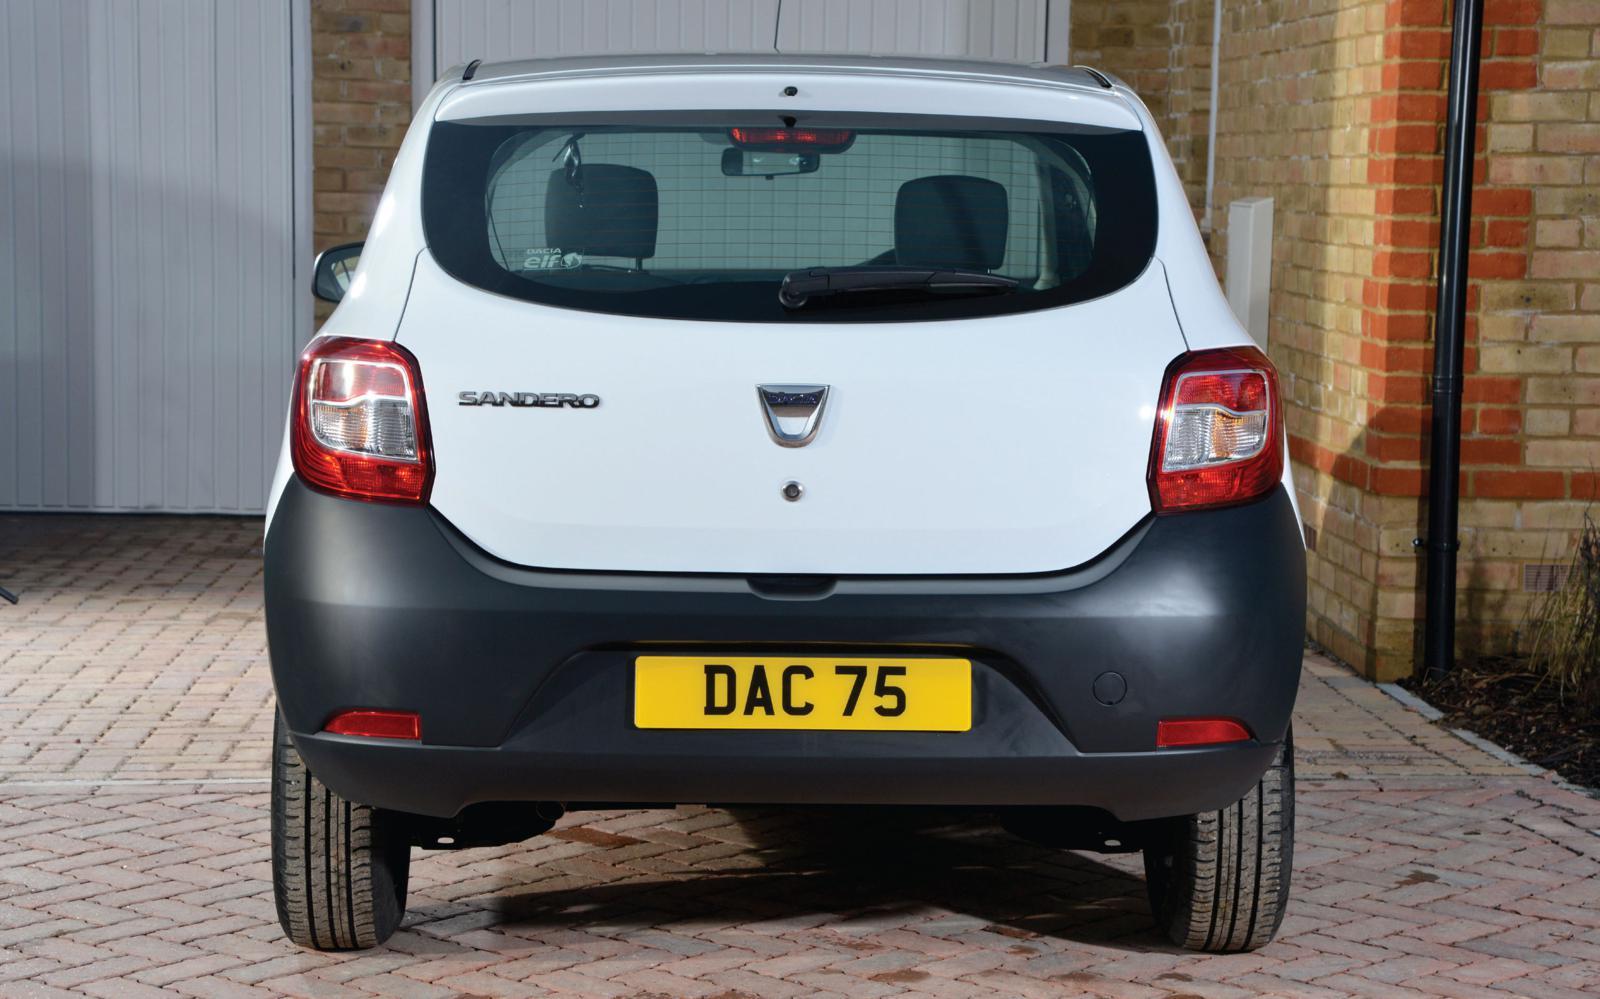 Dacia Sandero Access 2013 Rear Front Seat Driver